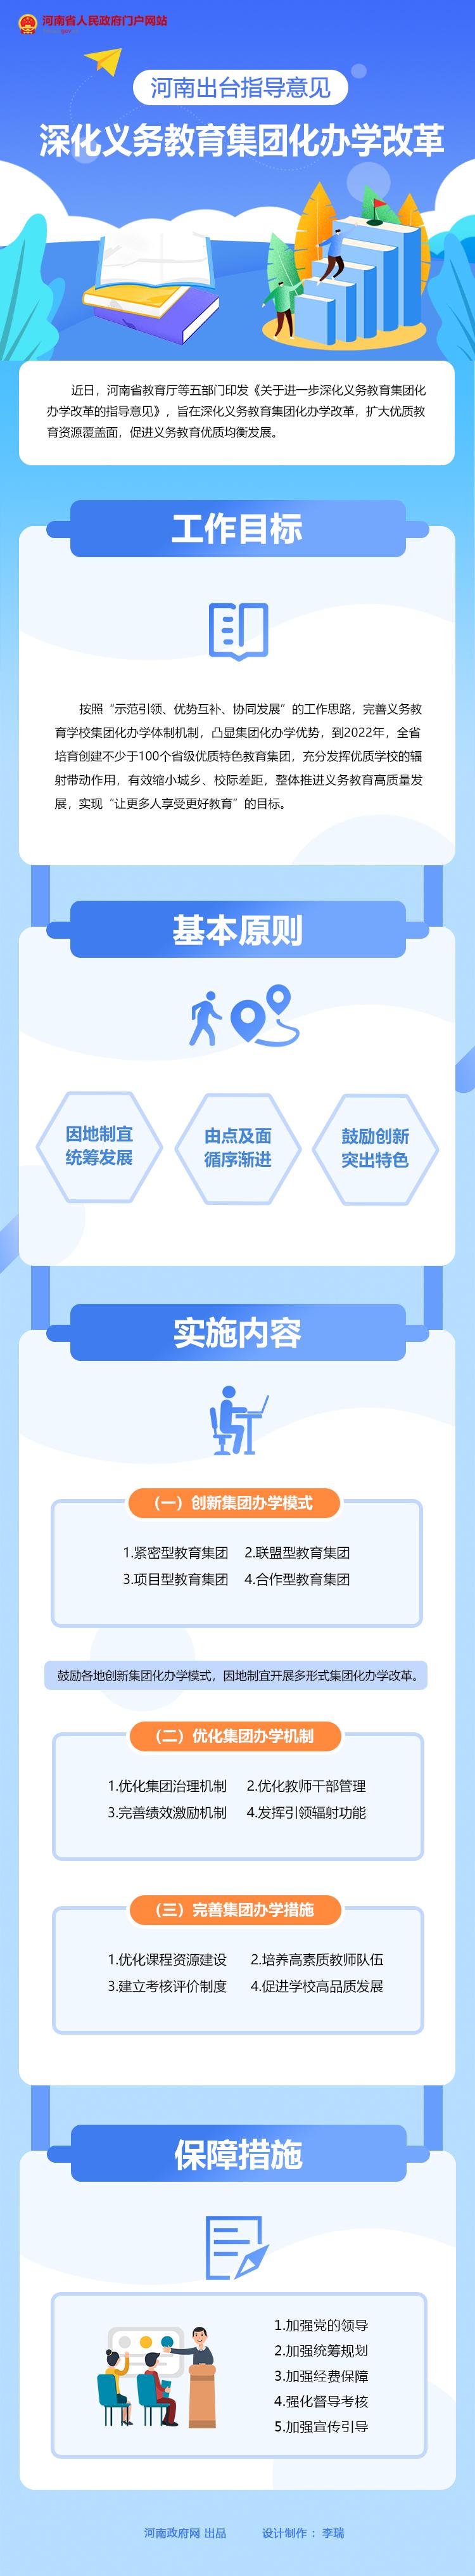 图解:河南出台指导意见 深化义务教育集团化办学改革